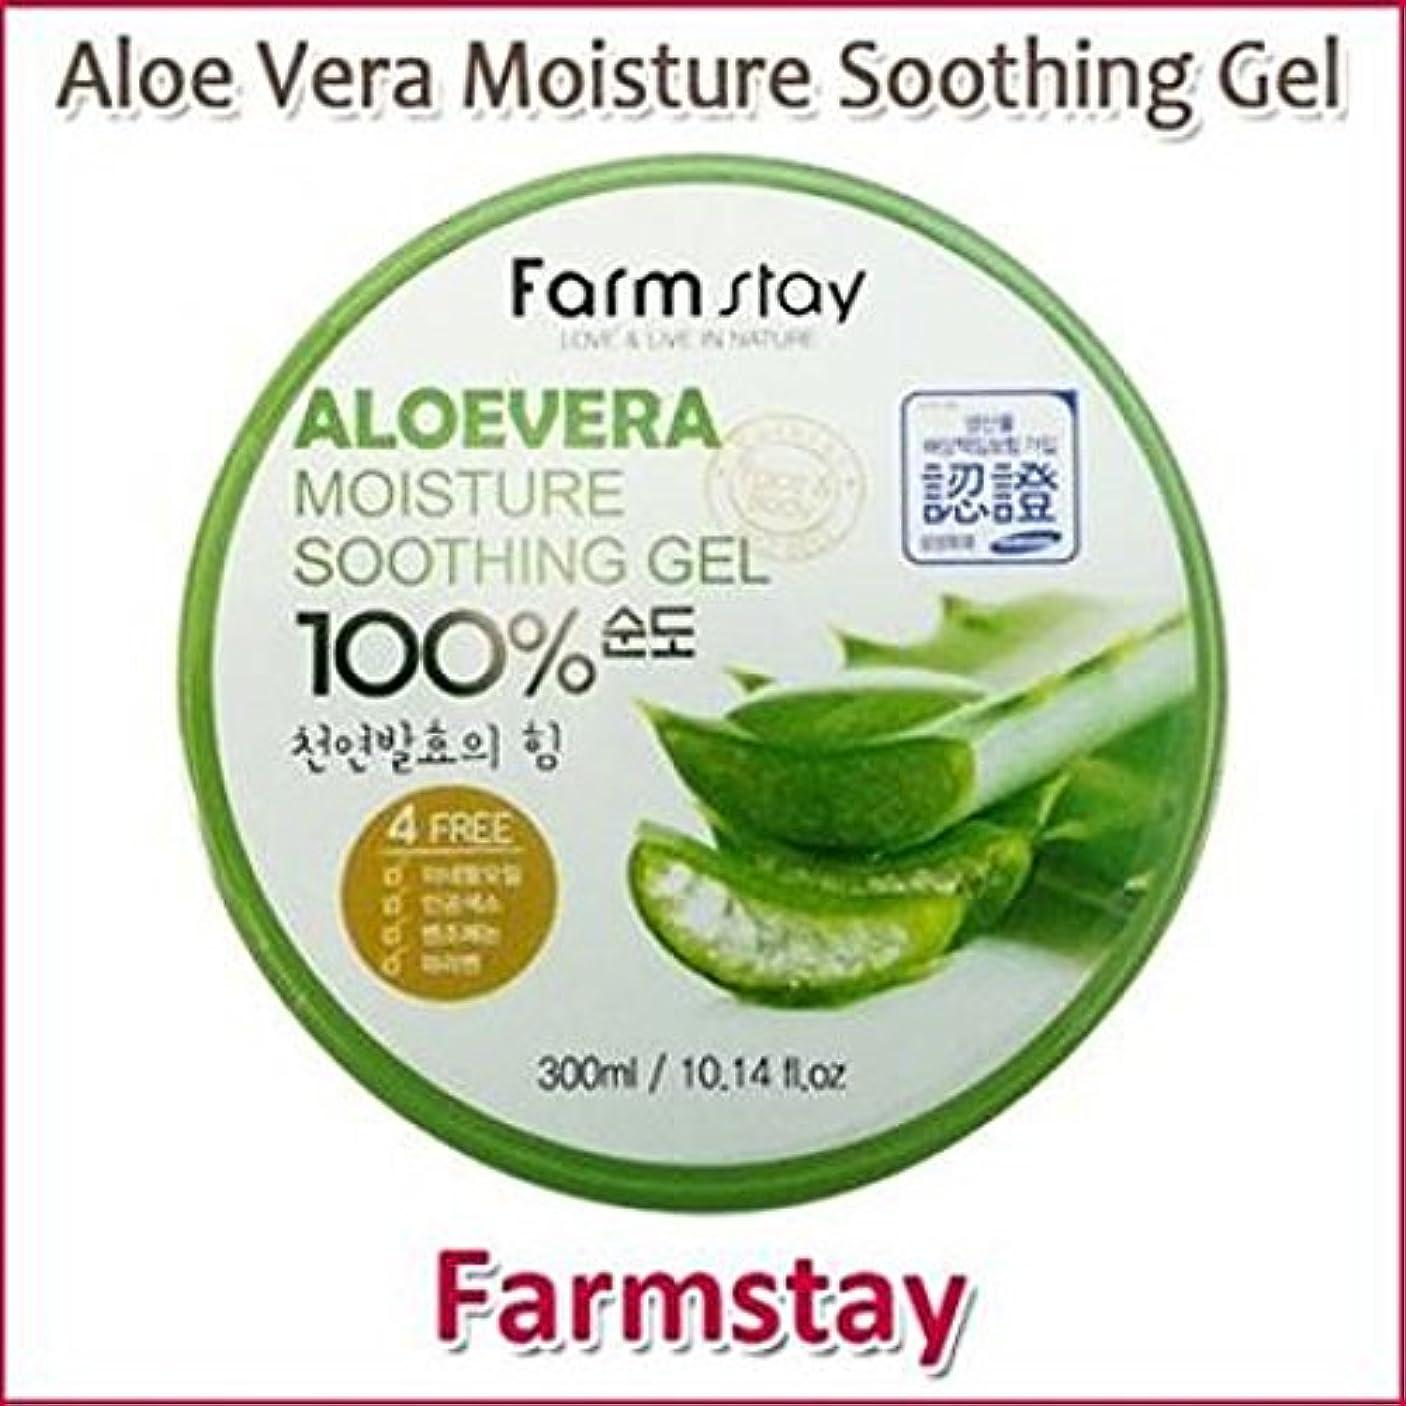 農民非常に仕事に行くFarm Stay Aloe Vera Moisture Soothing Gel 300ml /オーガニック アロエベラゲル 100%/保湿ケア/韓国コスメ/Aloe Vera 100% /Moisturizing [...